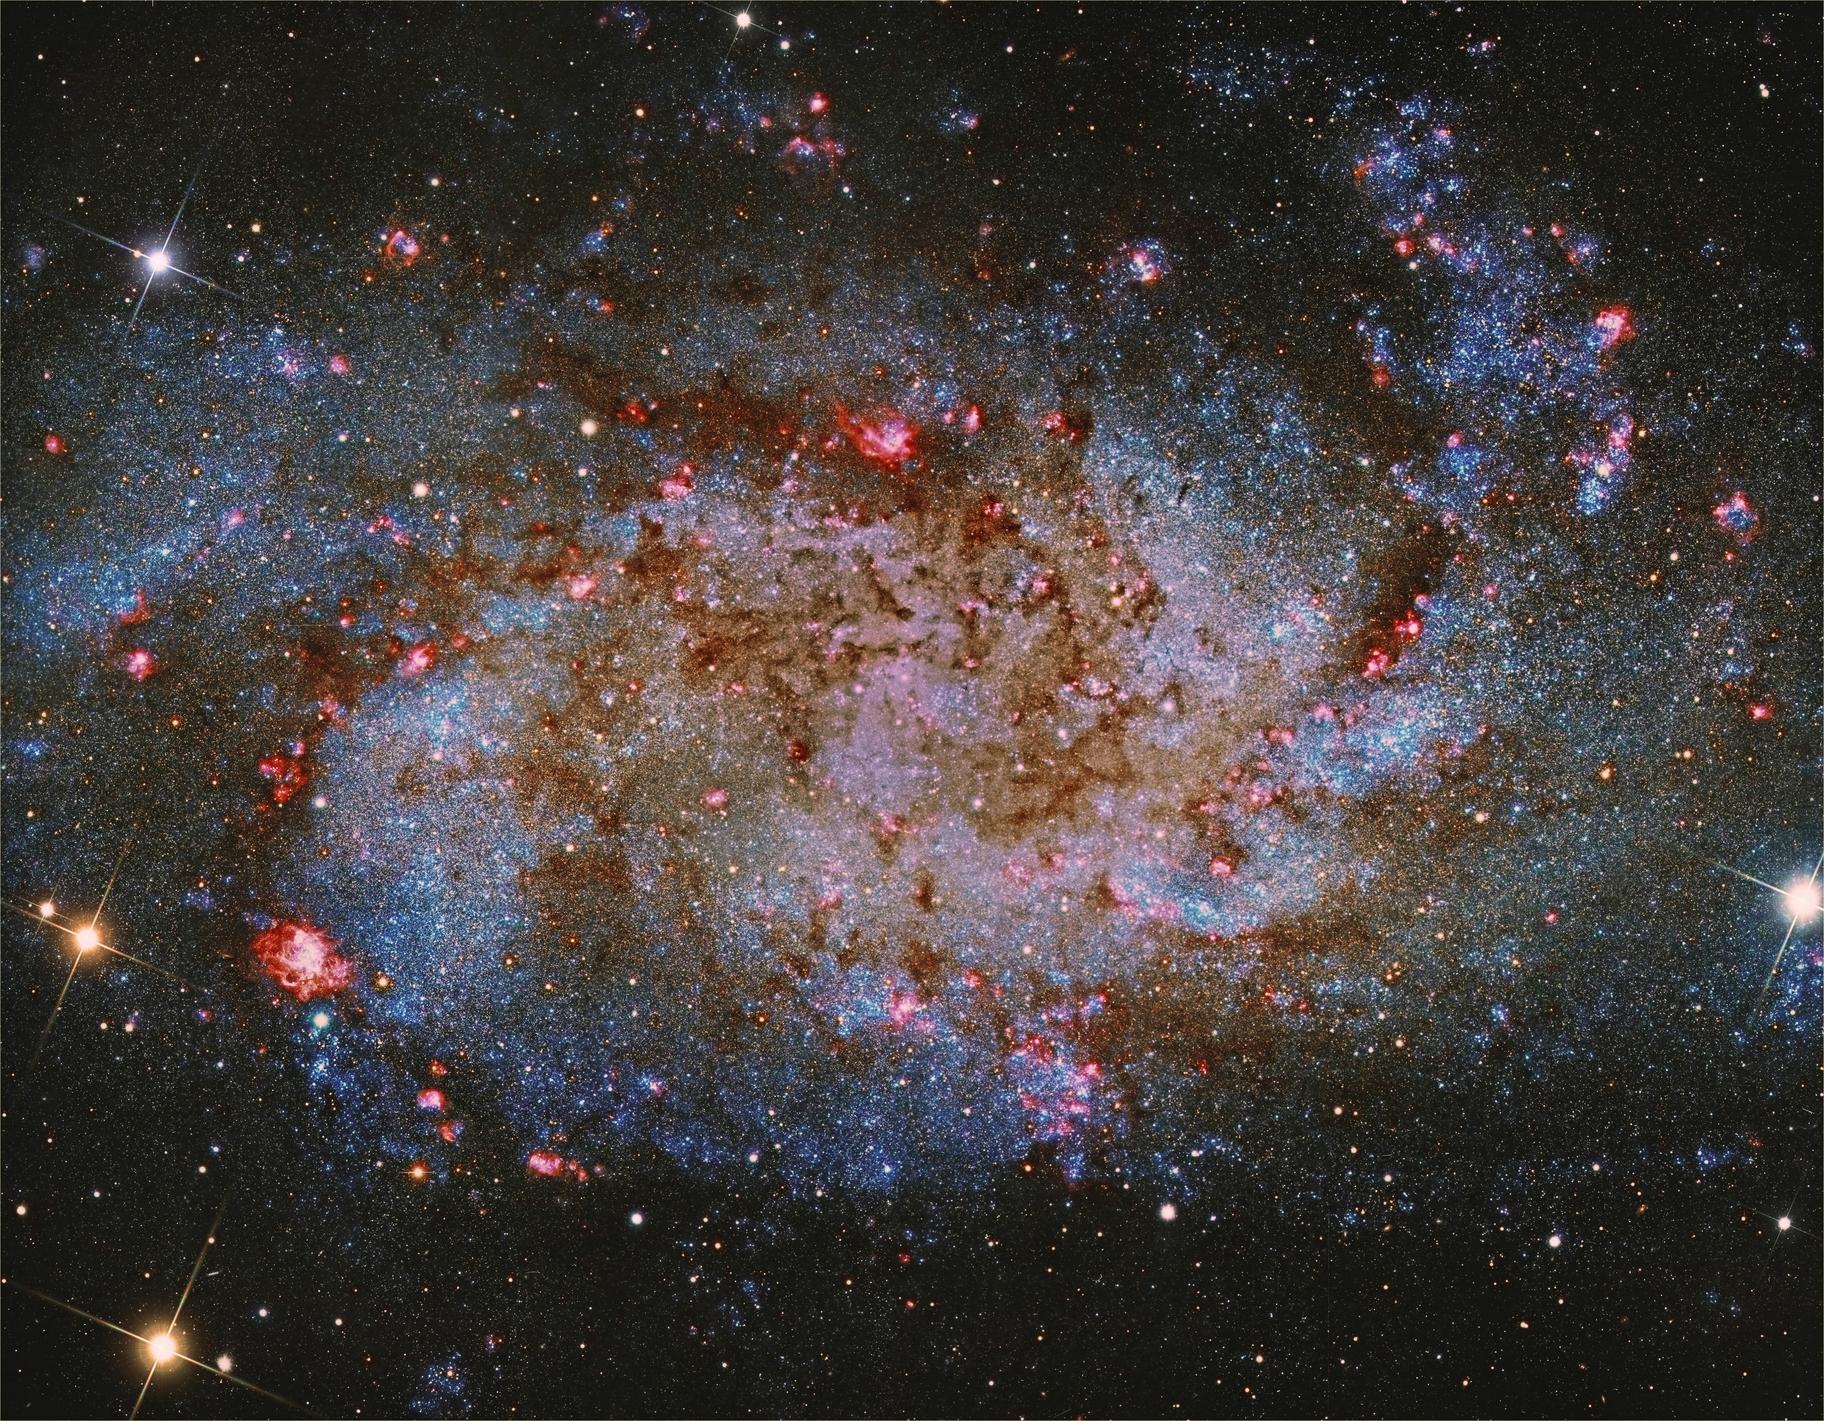 Galaxia del Triángulo - Wikipedia, la enciclopedia libre